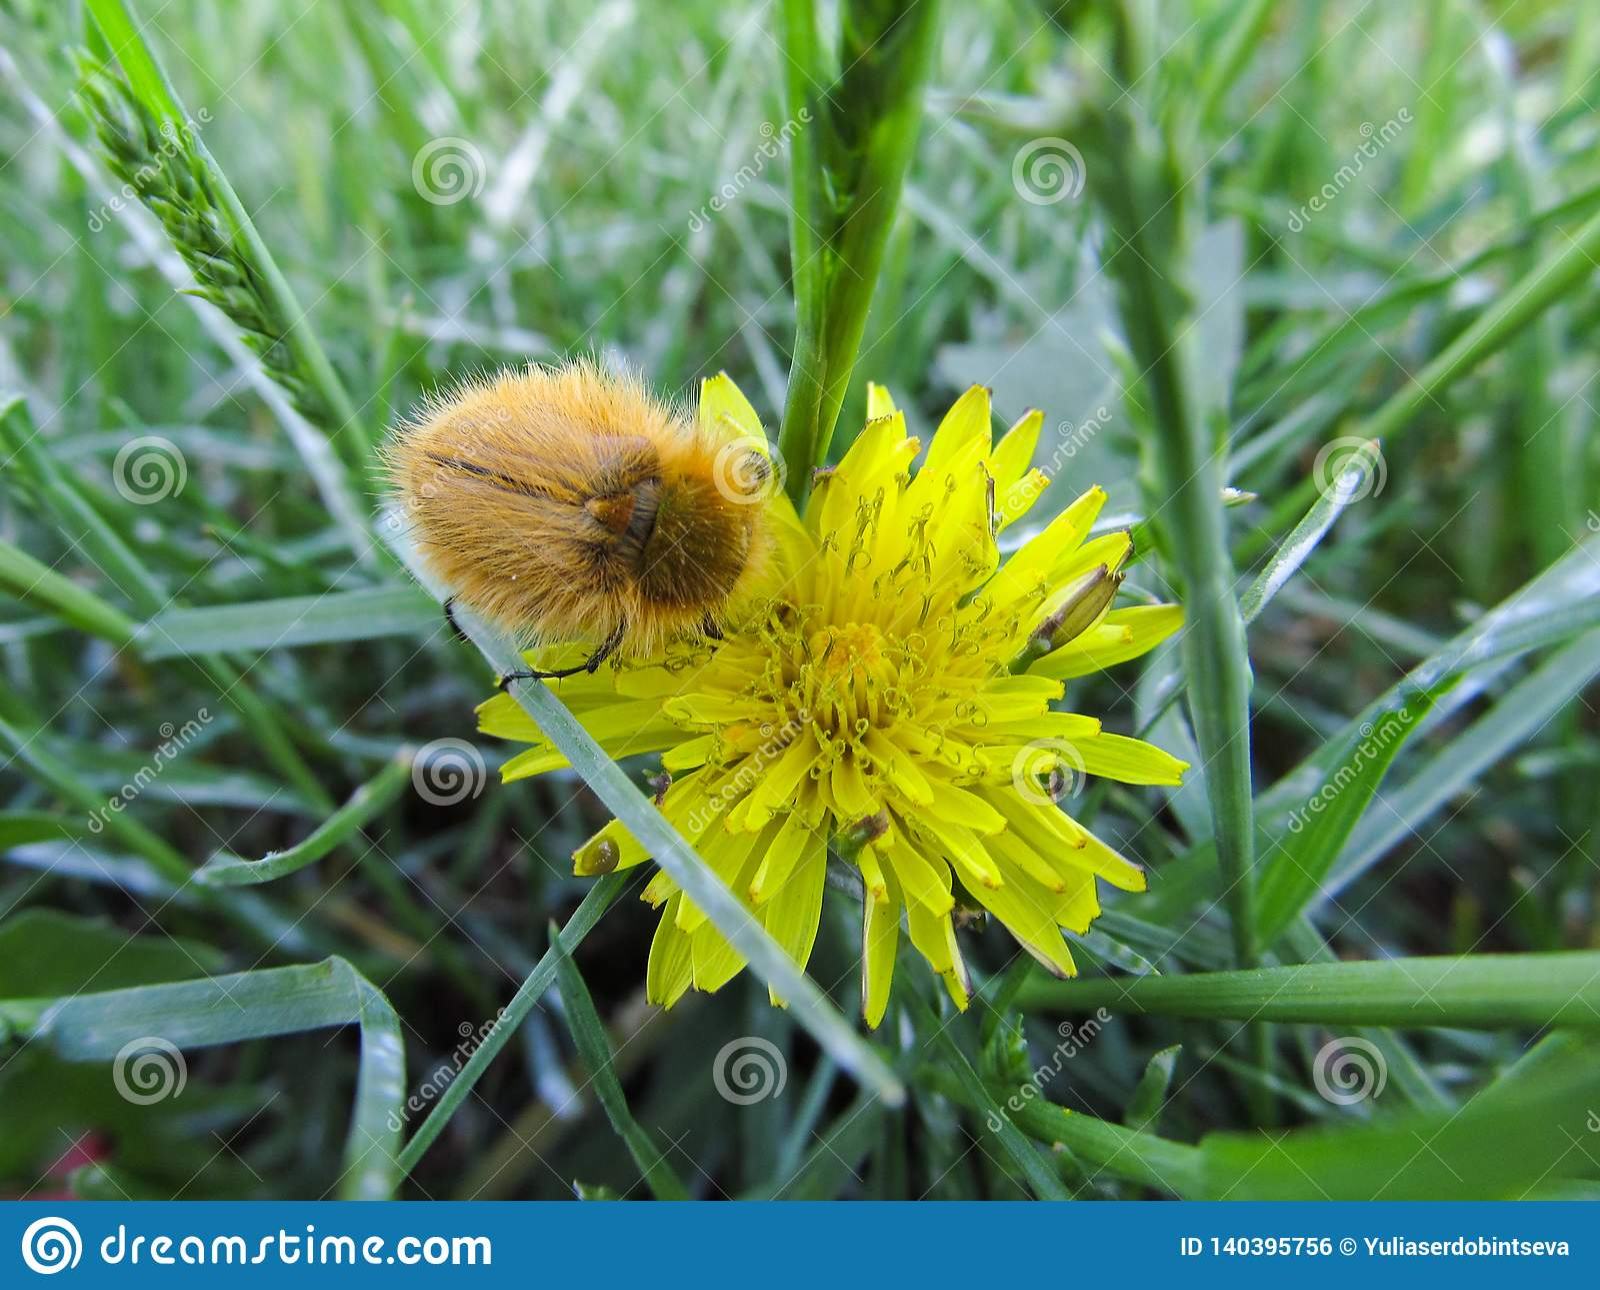 Ο κίτρινος γούνινος κάνθαρος κάθεται σε ένα κίτρινο λουλούδι σε ένα πράσινο λιβάδι